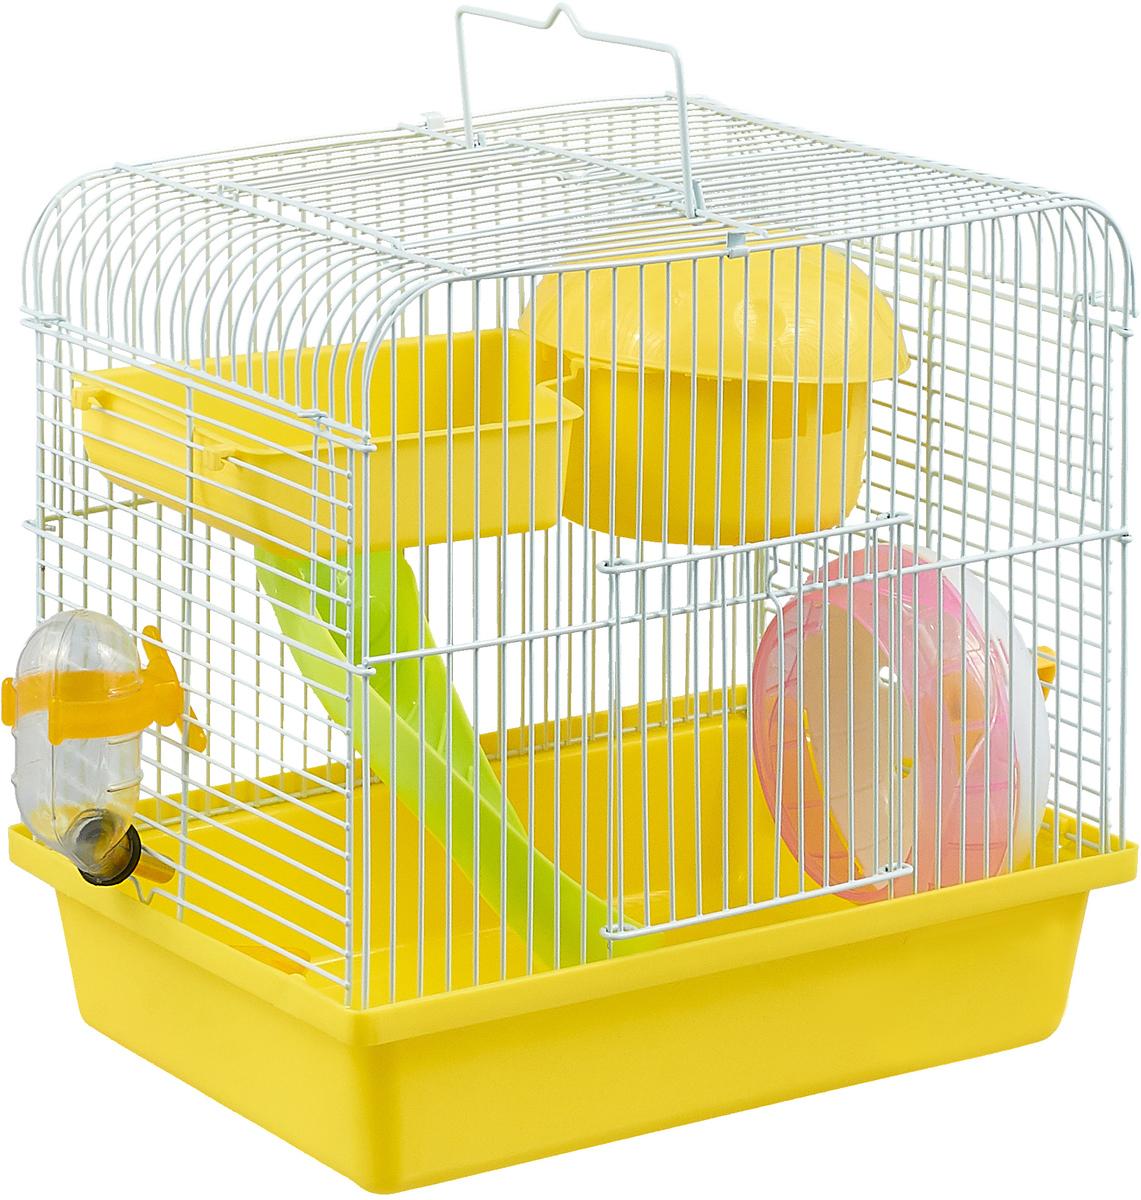 """Клетка для хомяка """"№1"""", прямоугольная, укомплектованная, цвет: желтый, 27 х 20,5 х 25,5 см"""